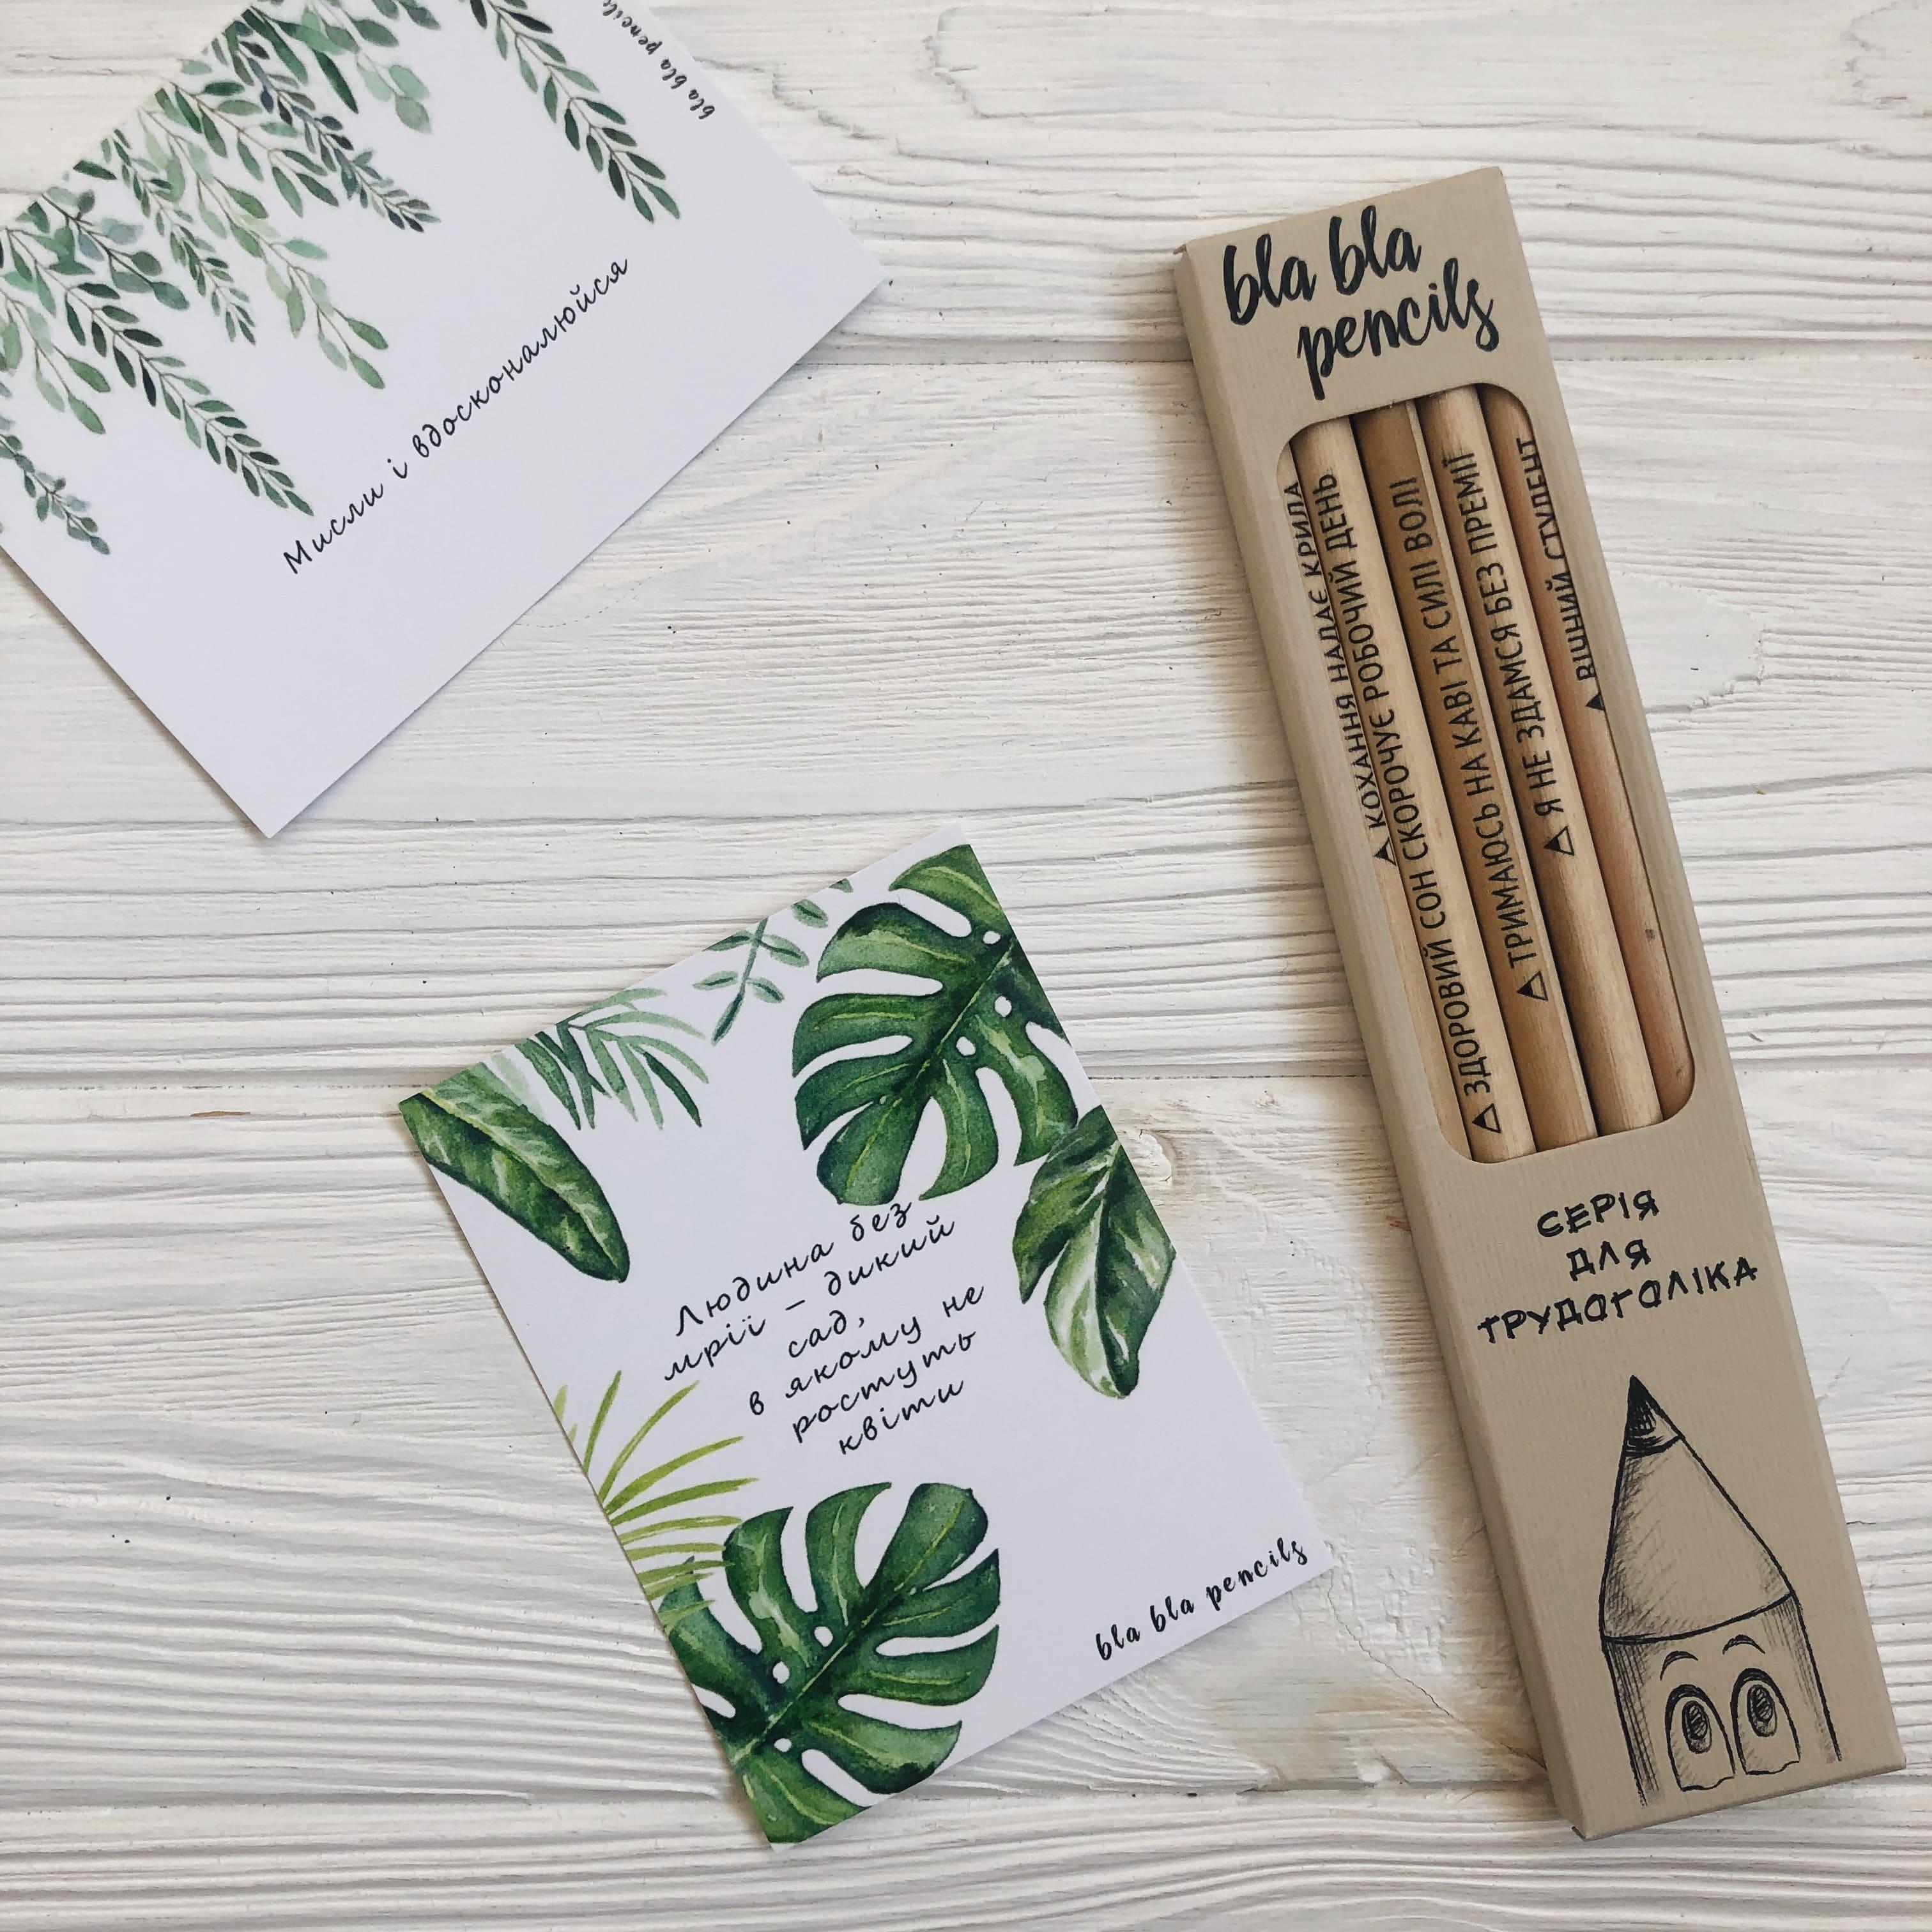 Говорящие карандаши BlaBlaPencils